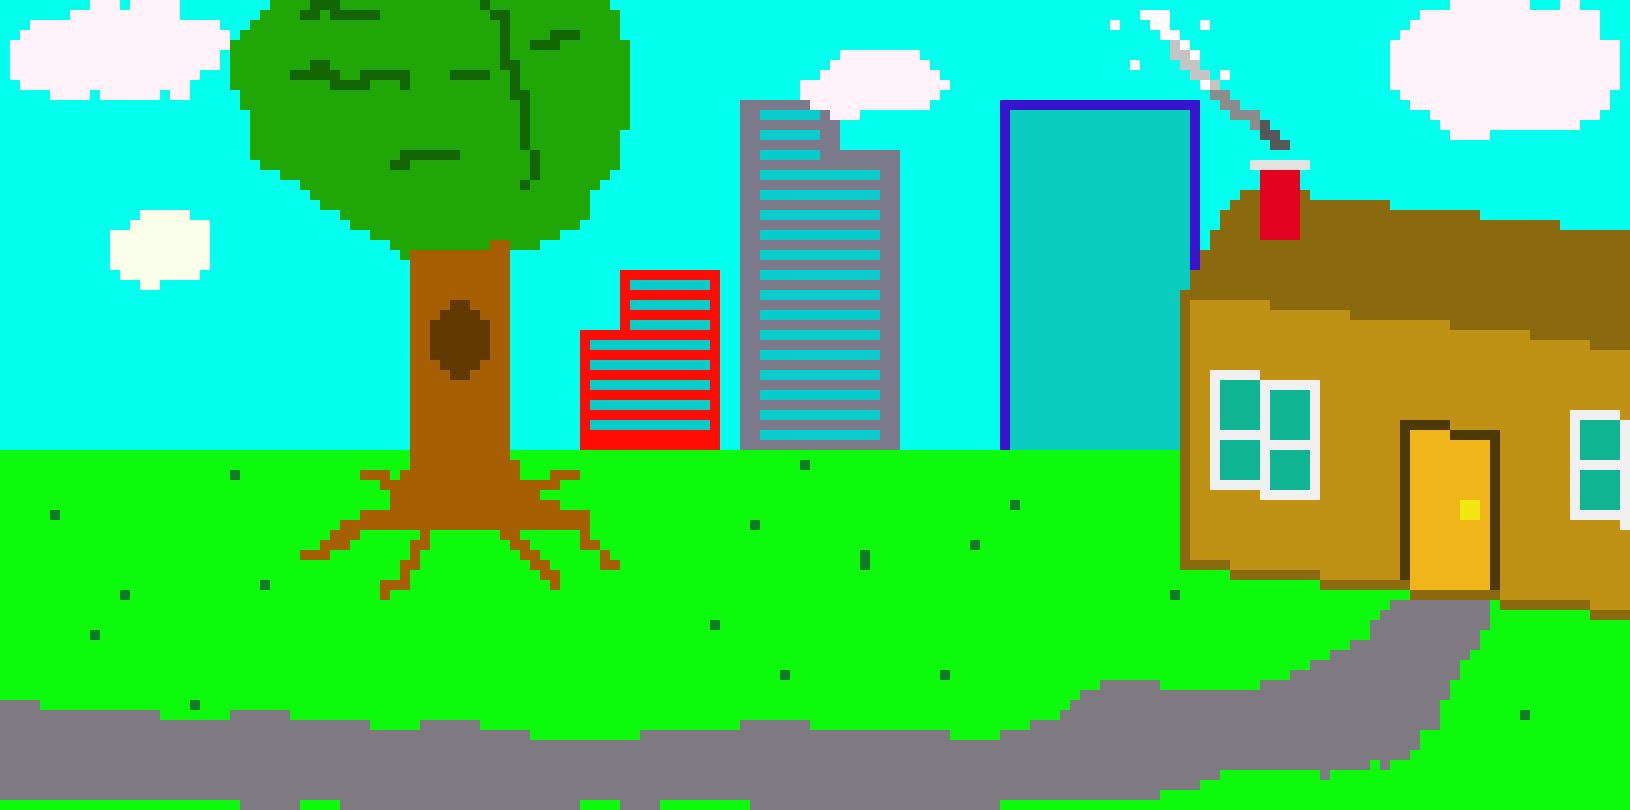 science frame: bus outside | Pixel Art Maker